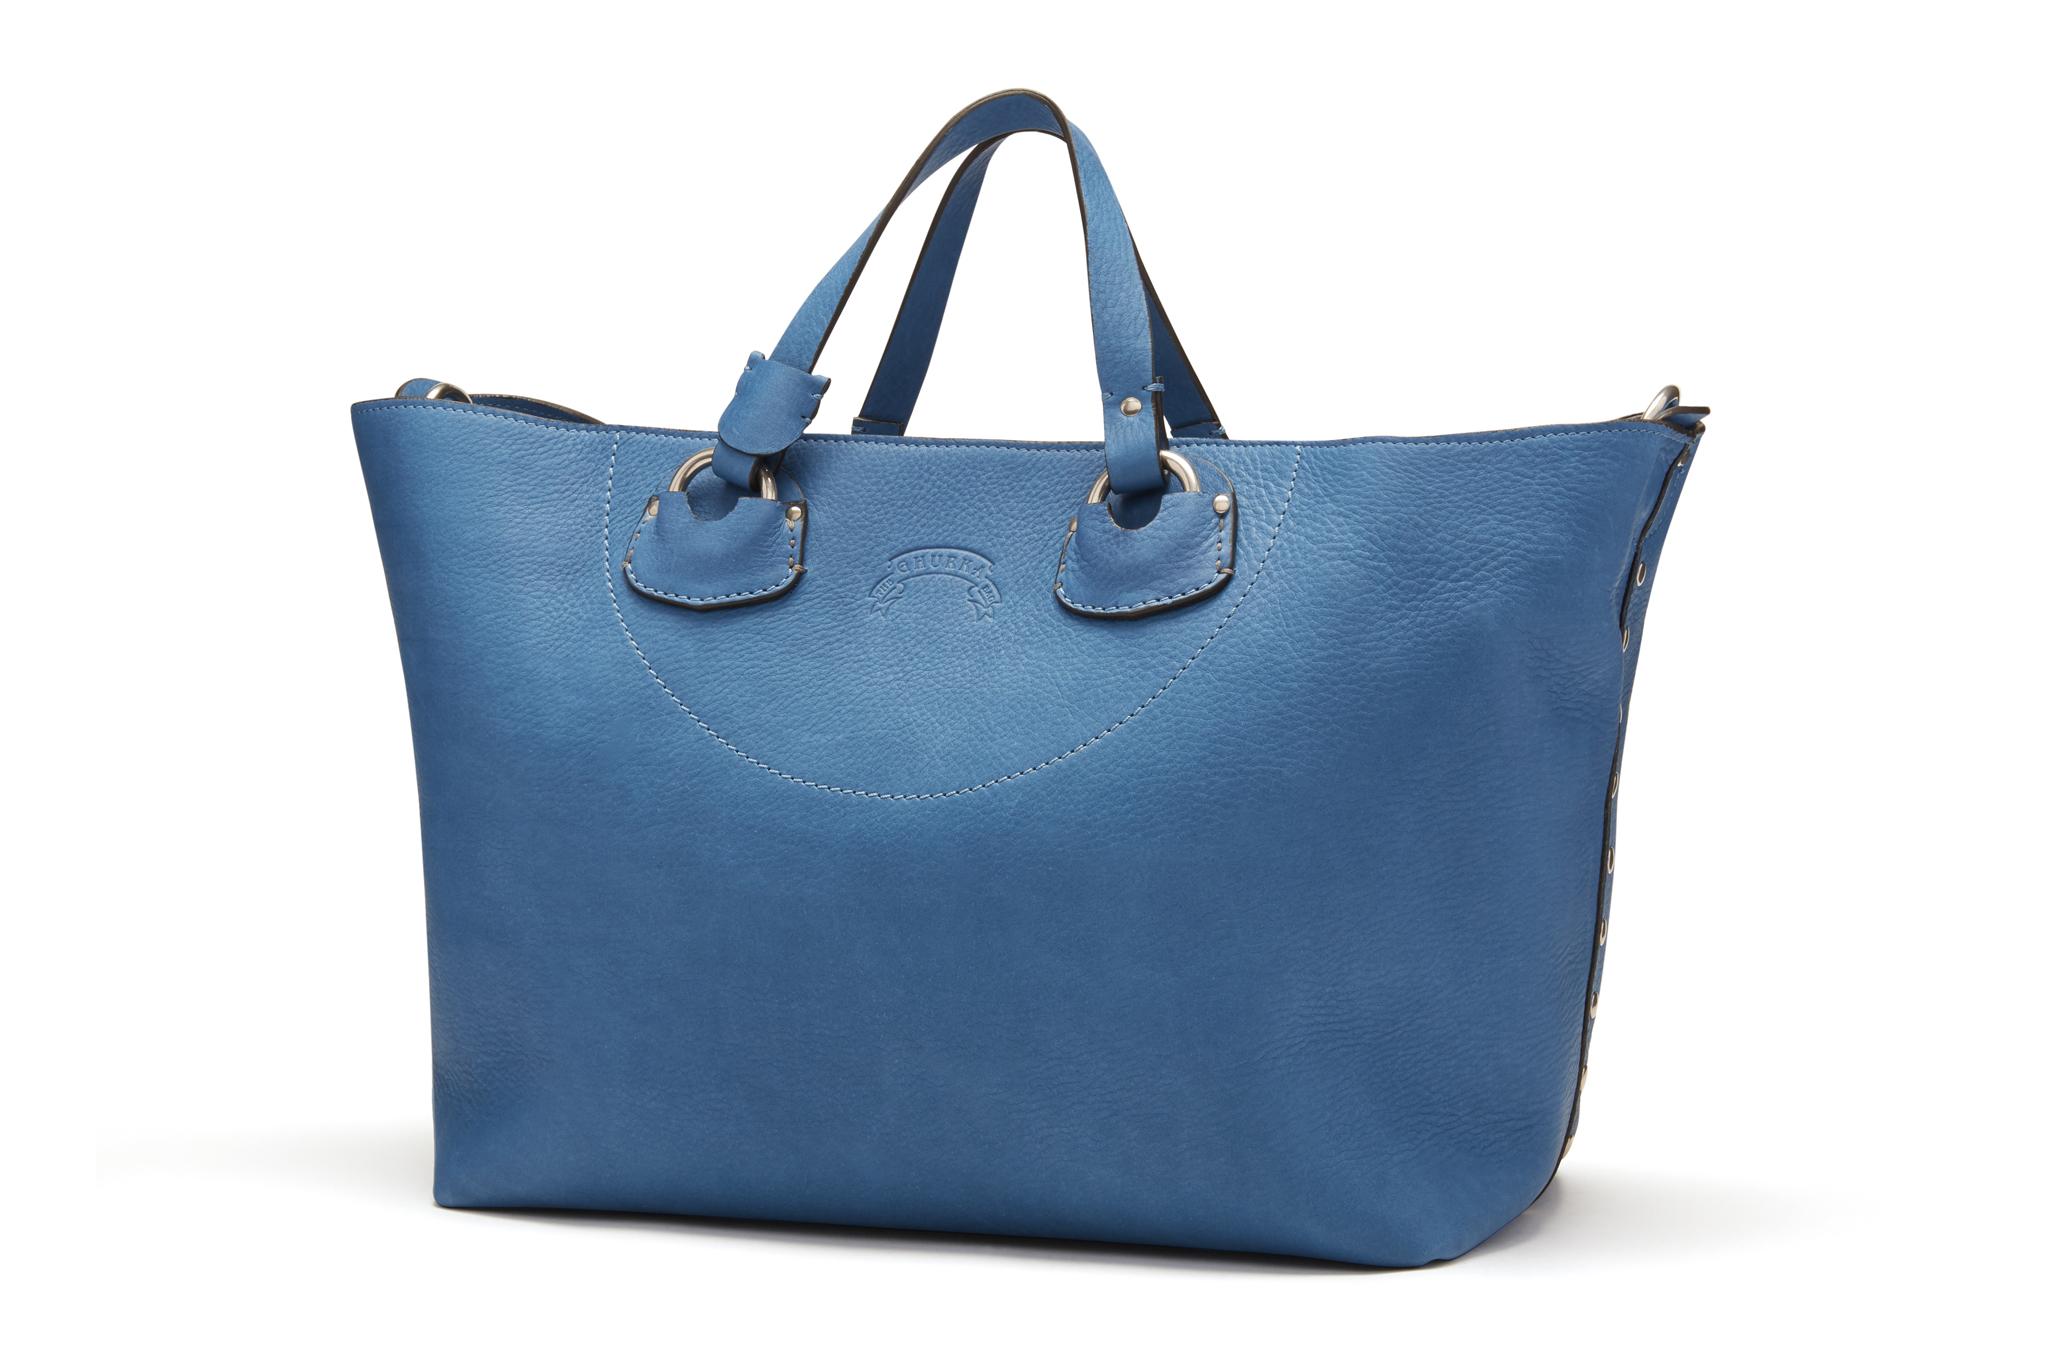 A handbag by Ghurka.